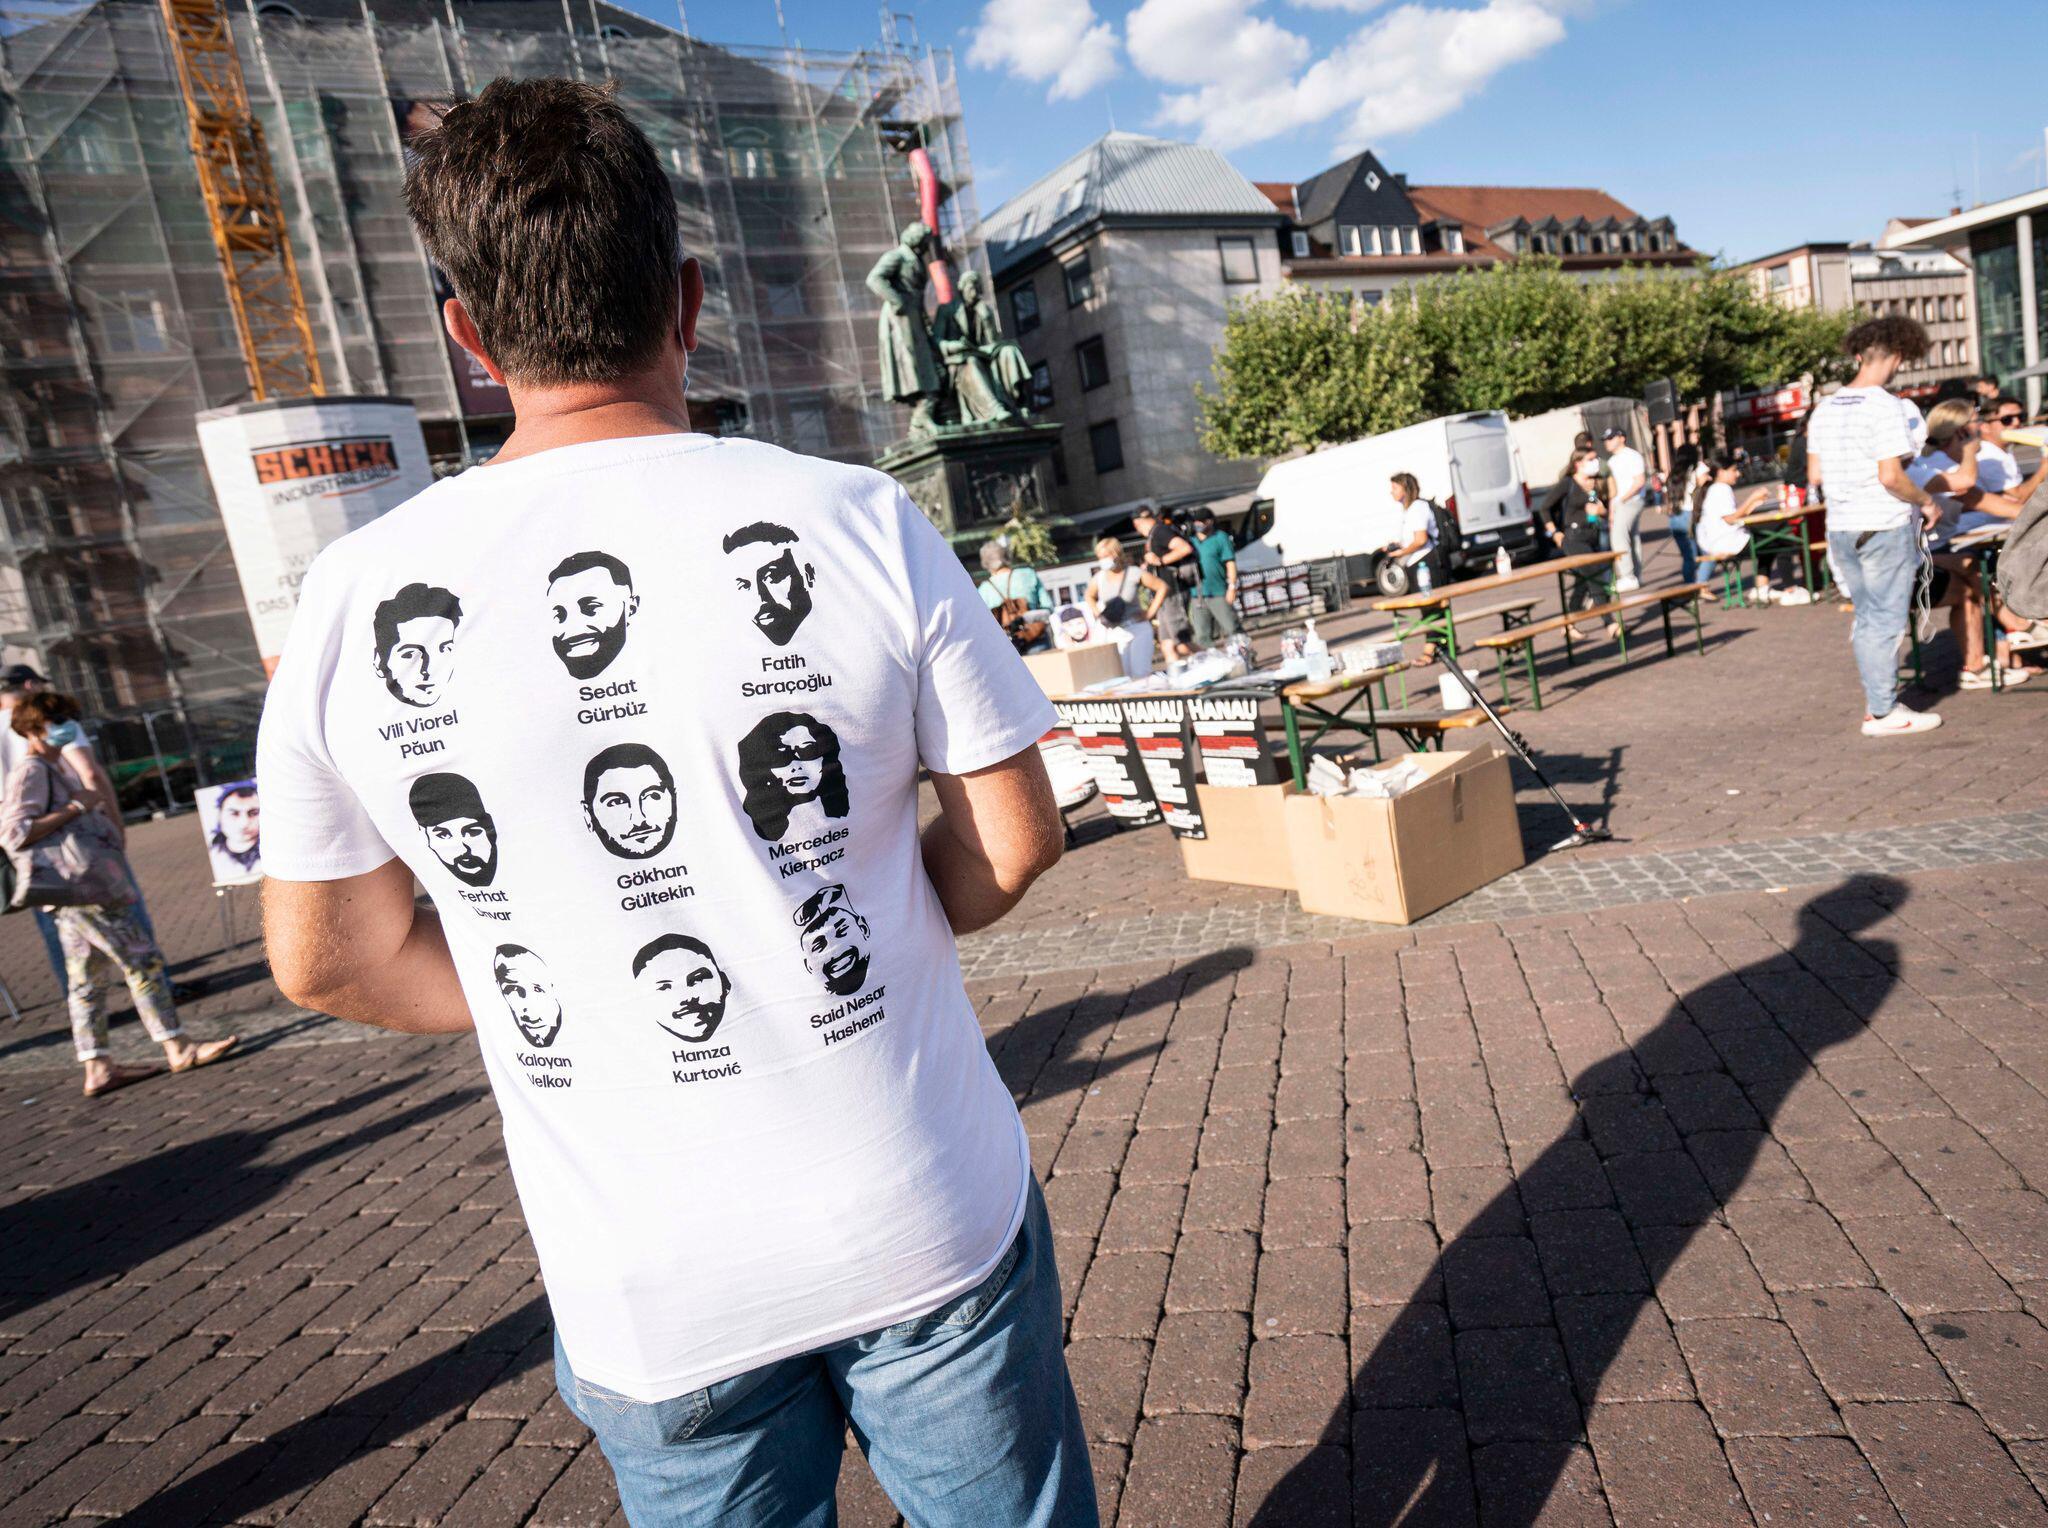 Bild zu Gedenken an Anschlagsopfer in Hanau